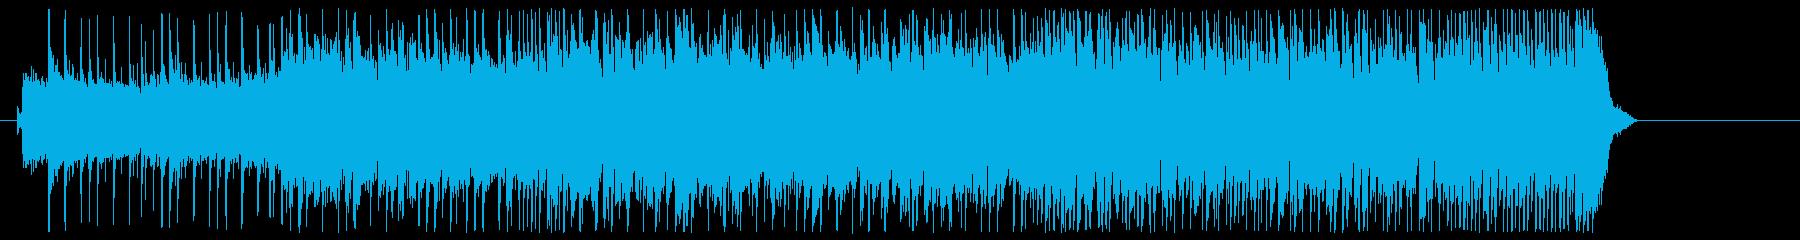 スポーツ スピード ドライブ 挑戦の再生済みの波形